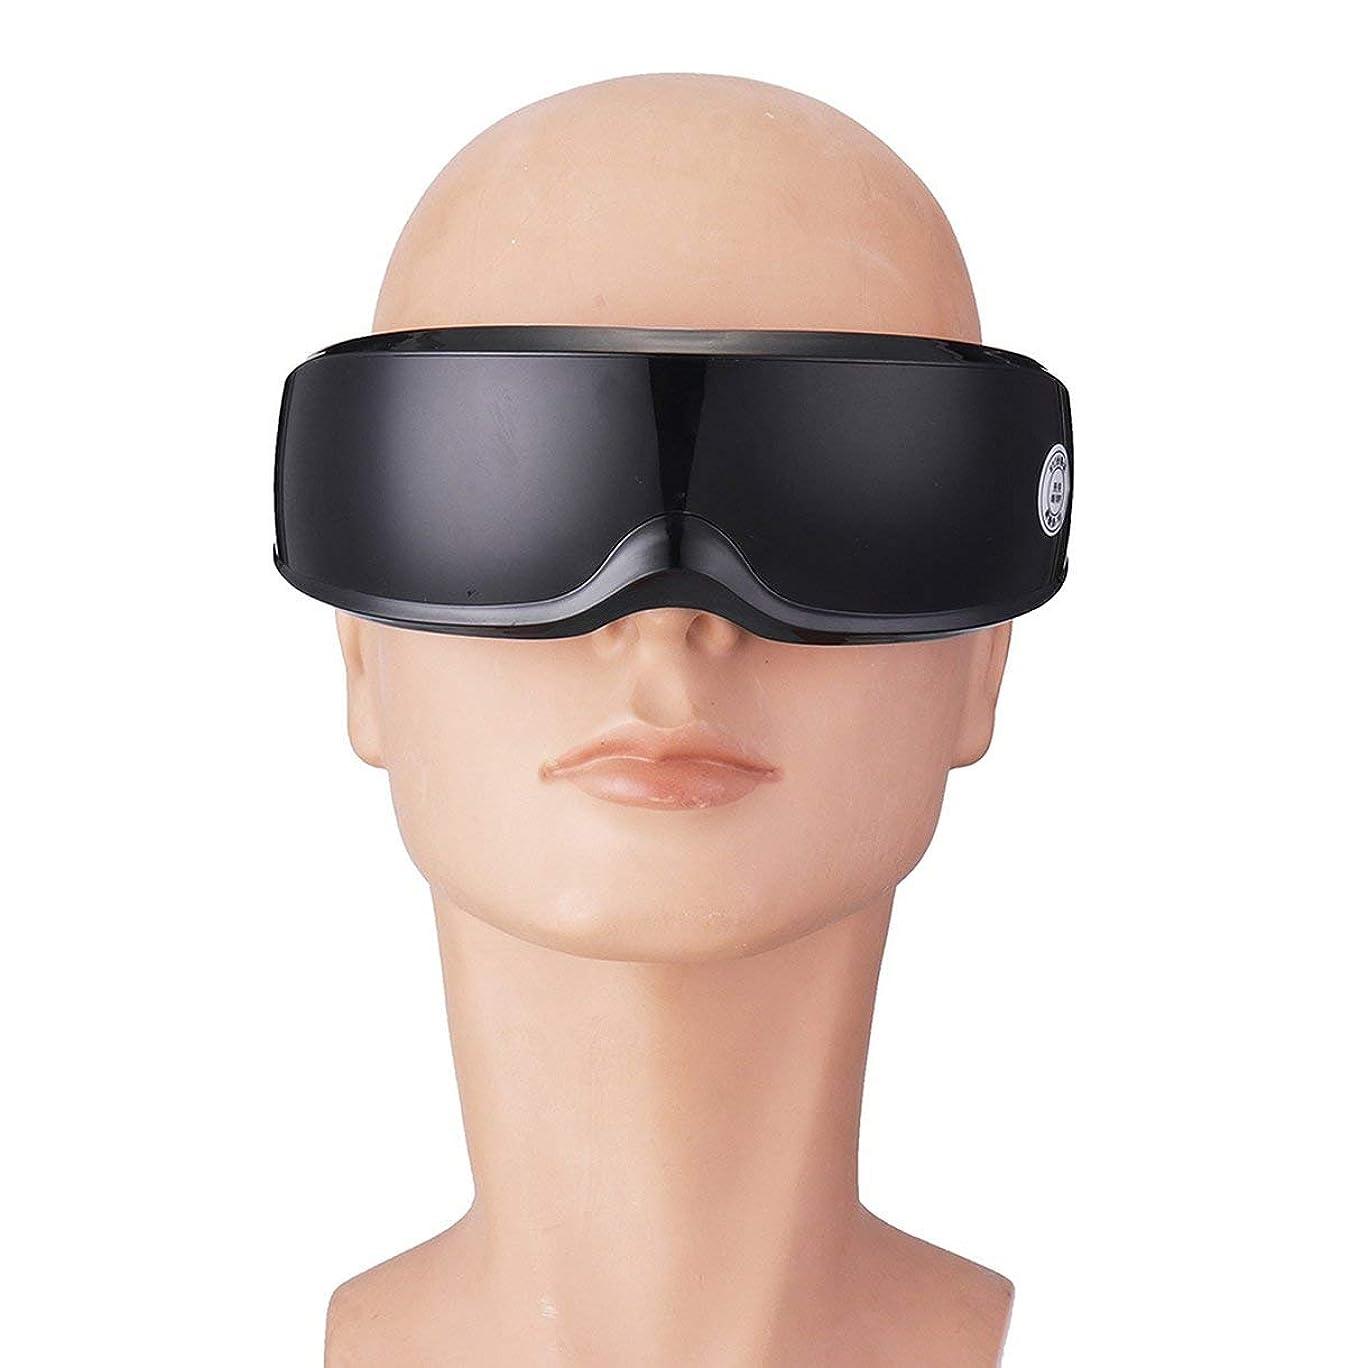 葉っぱお肉不振USB Charging Electric Eye Massager Heating Care Vibration Massage Stress Relief Relaxation Eyesight Recovery Eye SPA Device